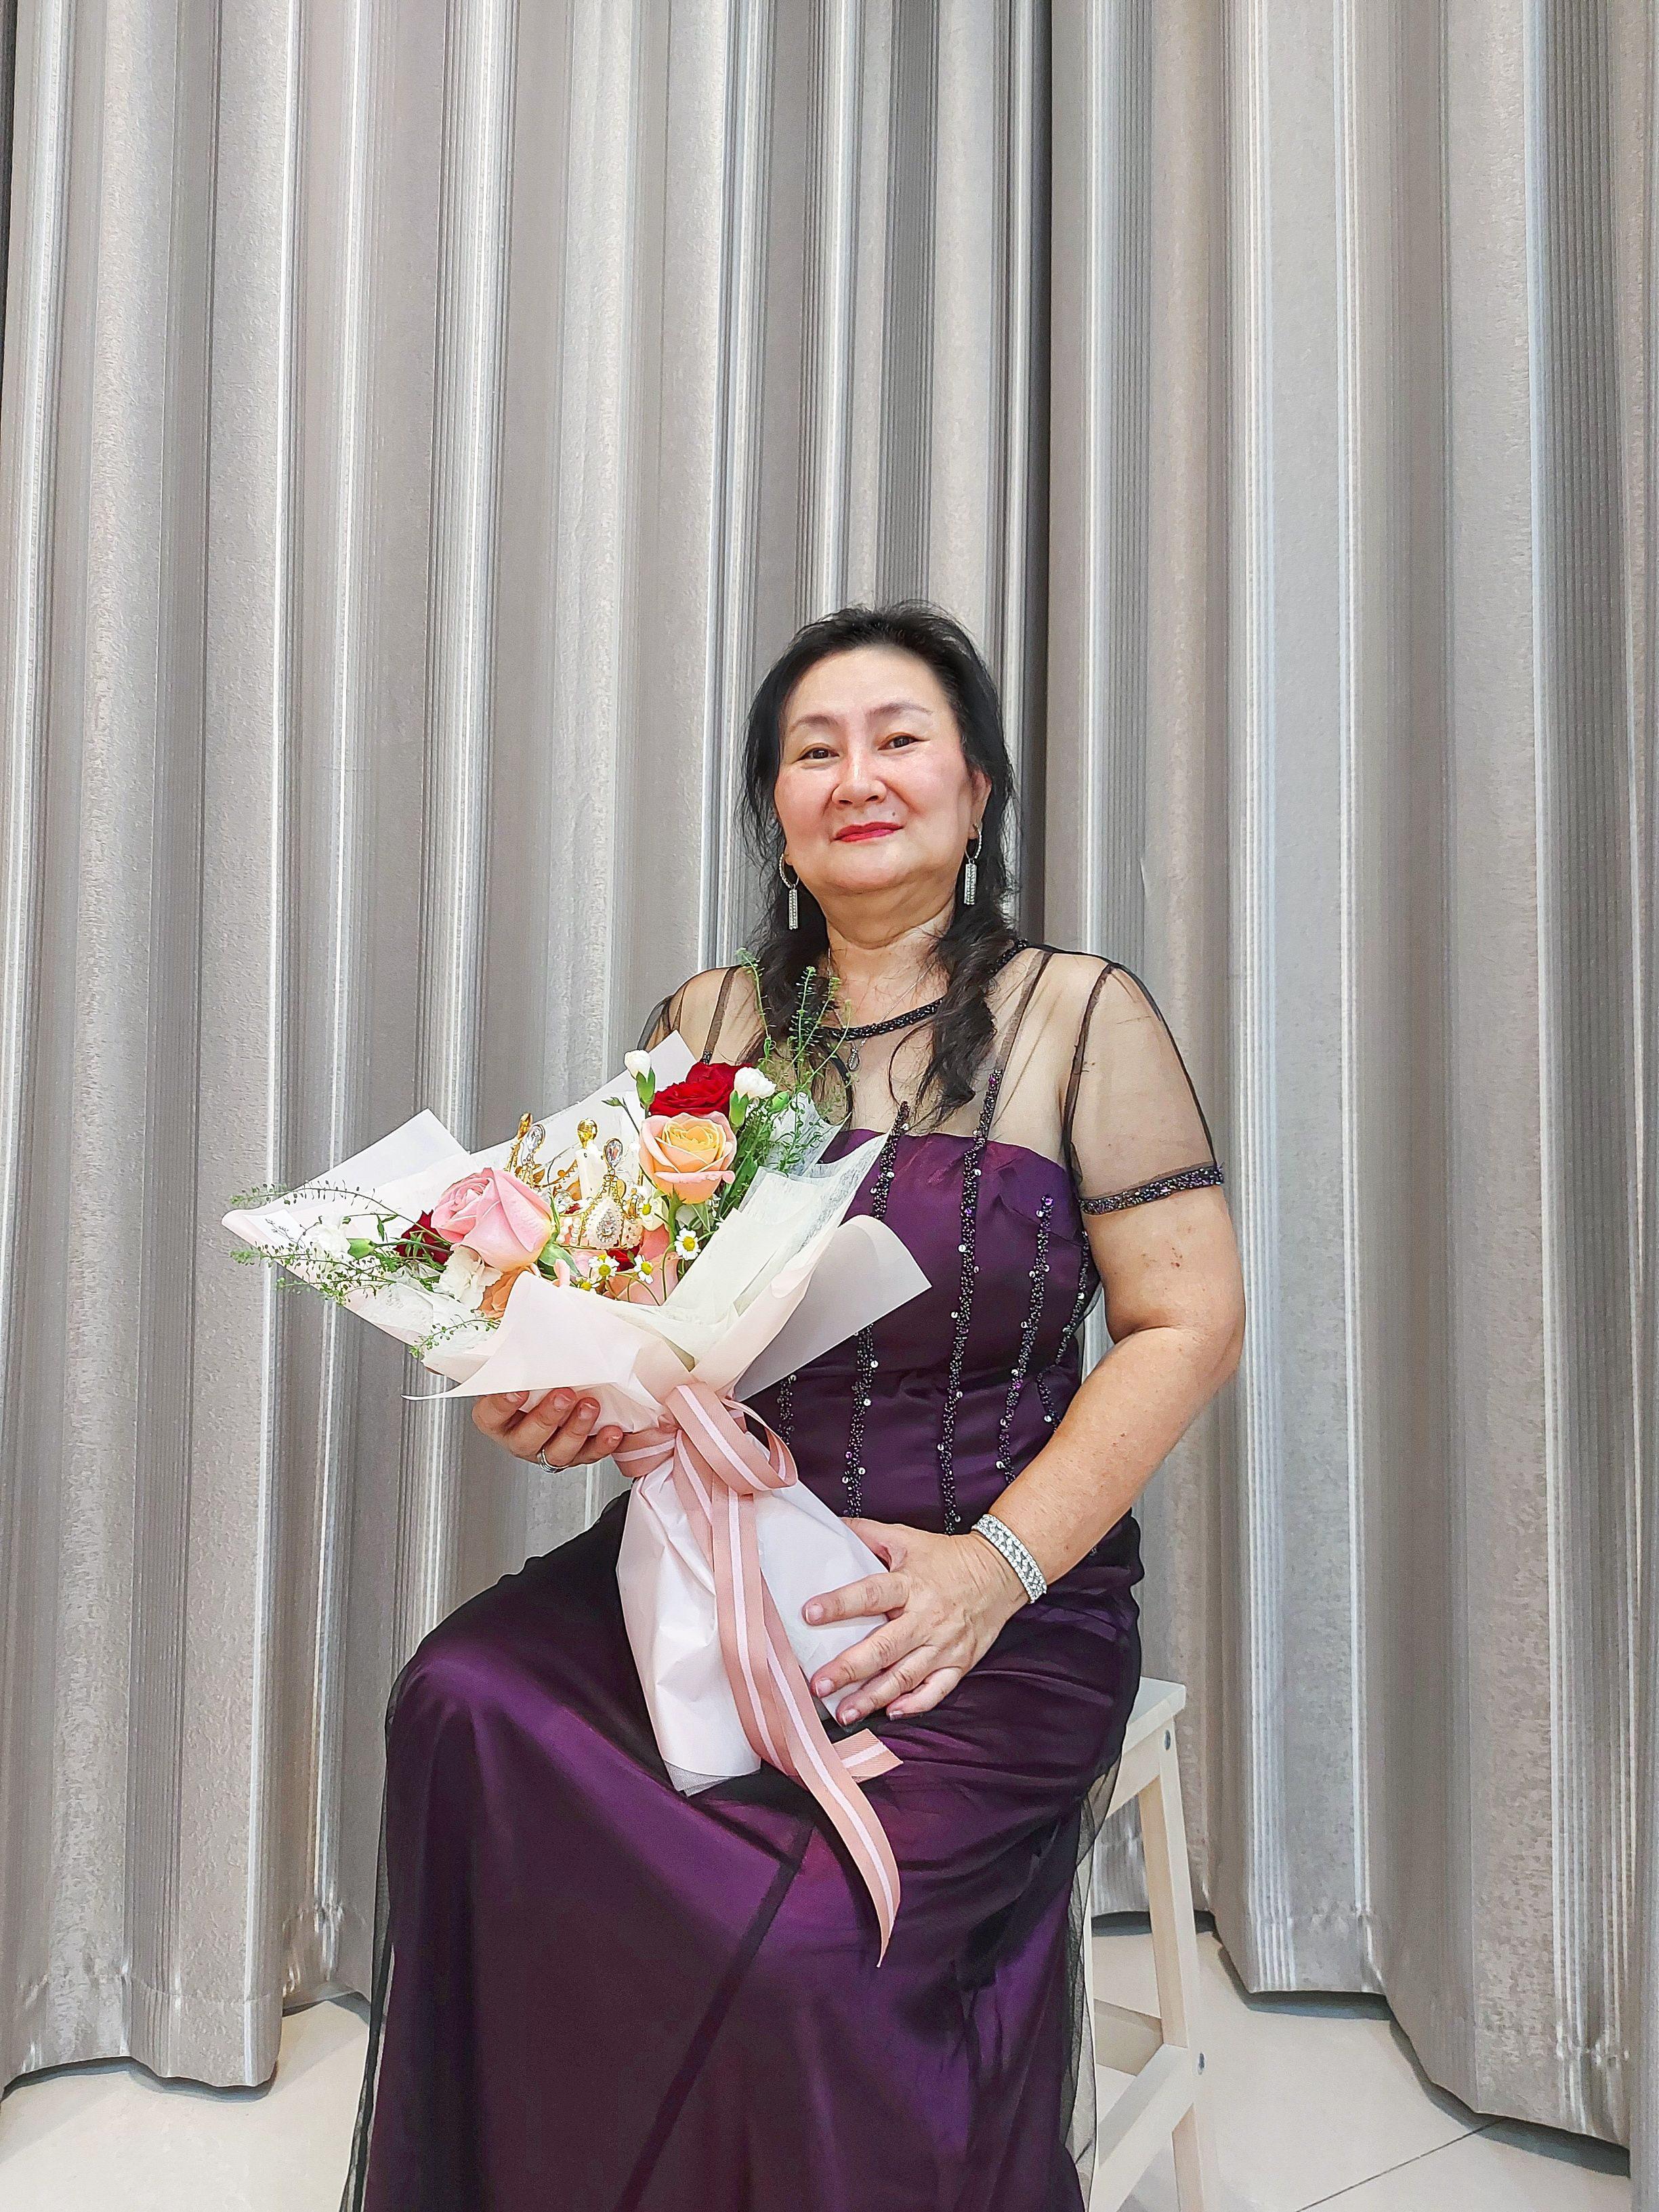 林慧娟/ Lim Hui Chin, 逝世日期 2021年8月29日.